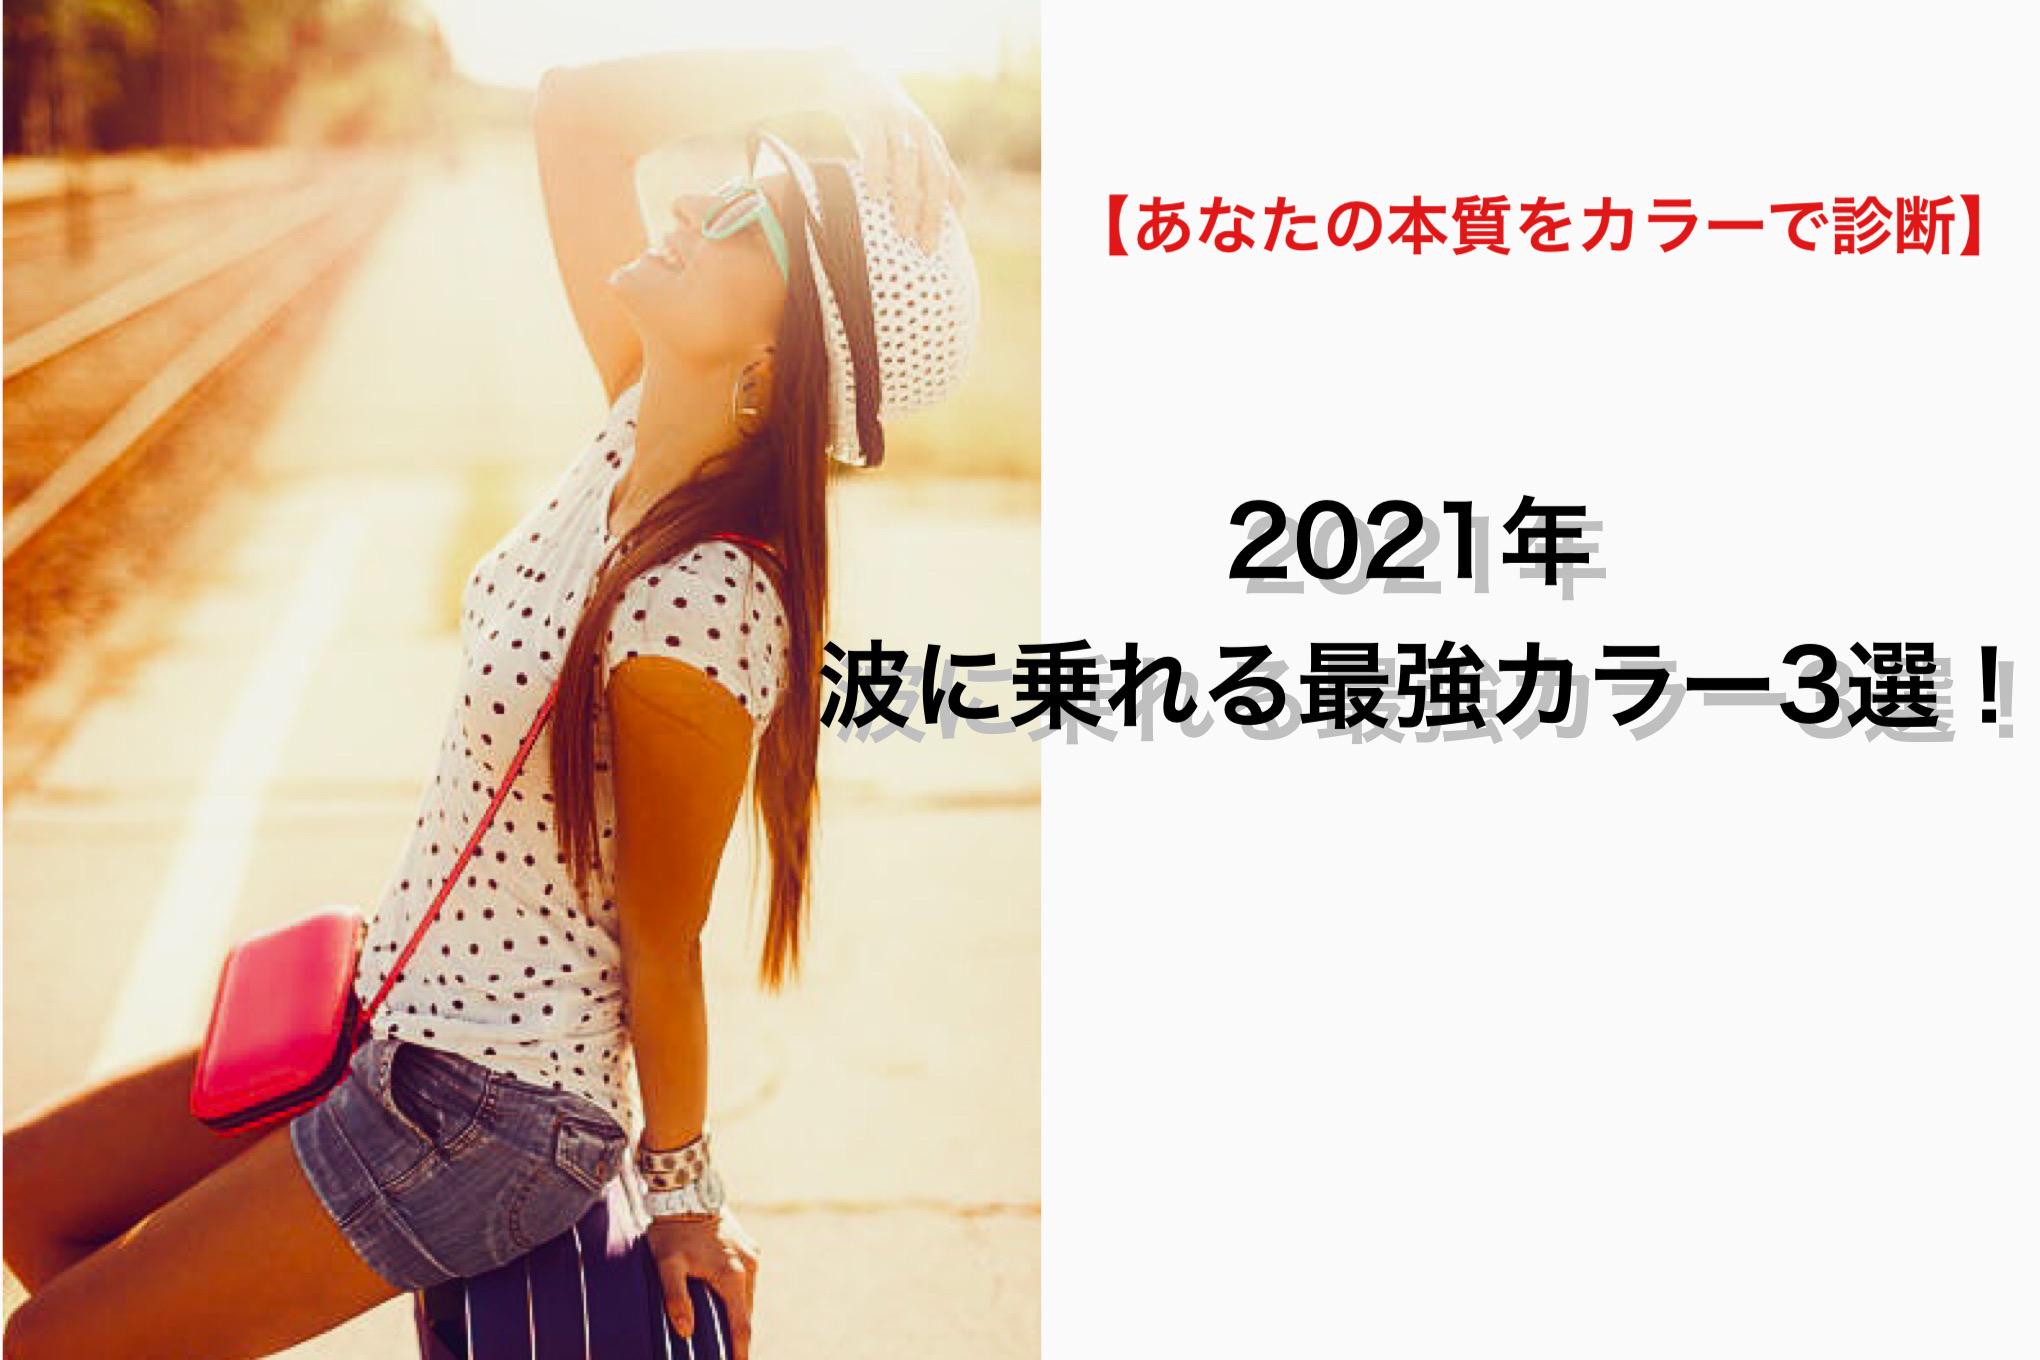 2021年波に乗れる最強カラー3選!